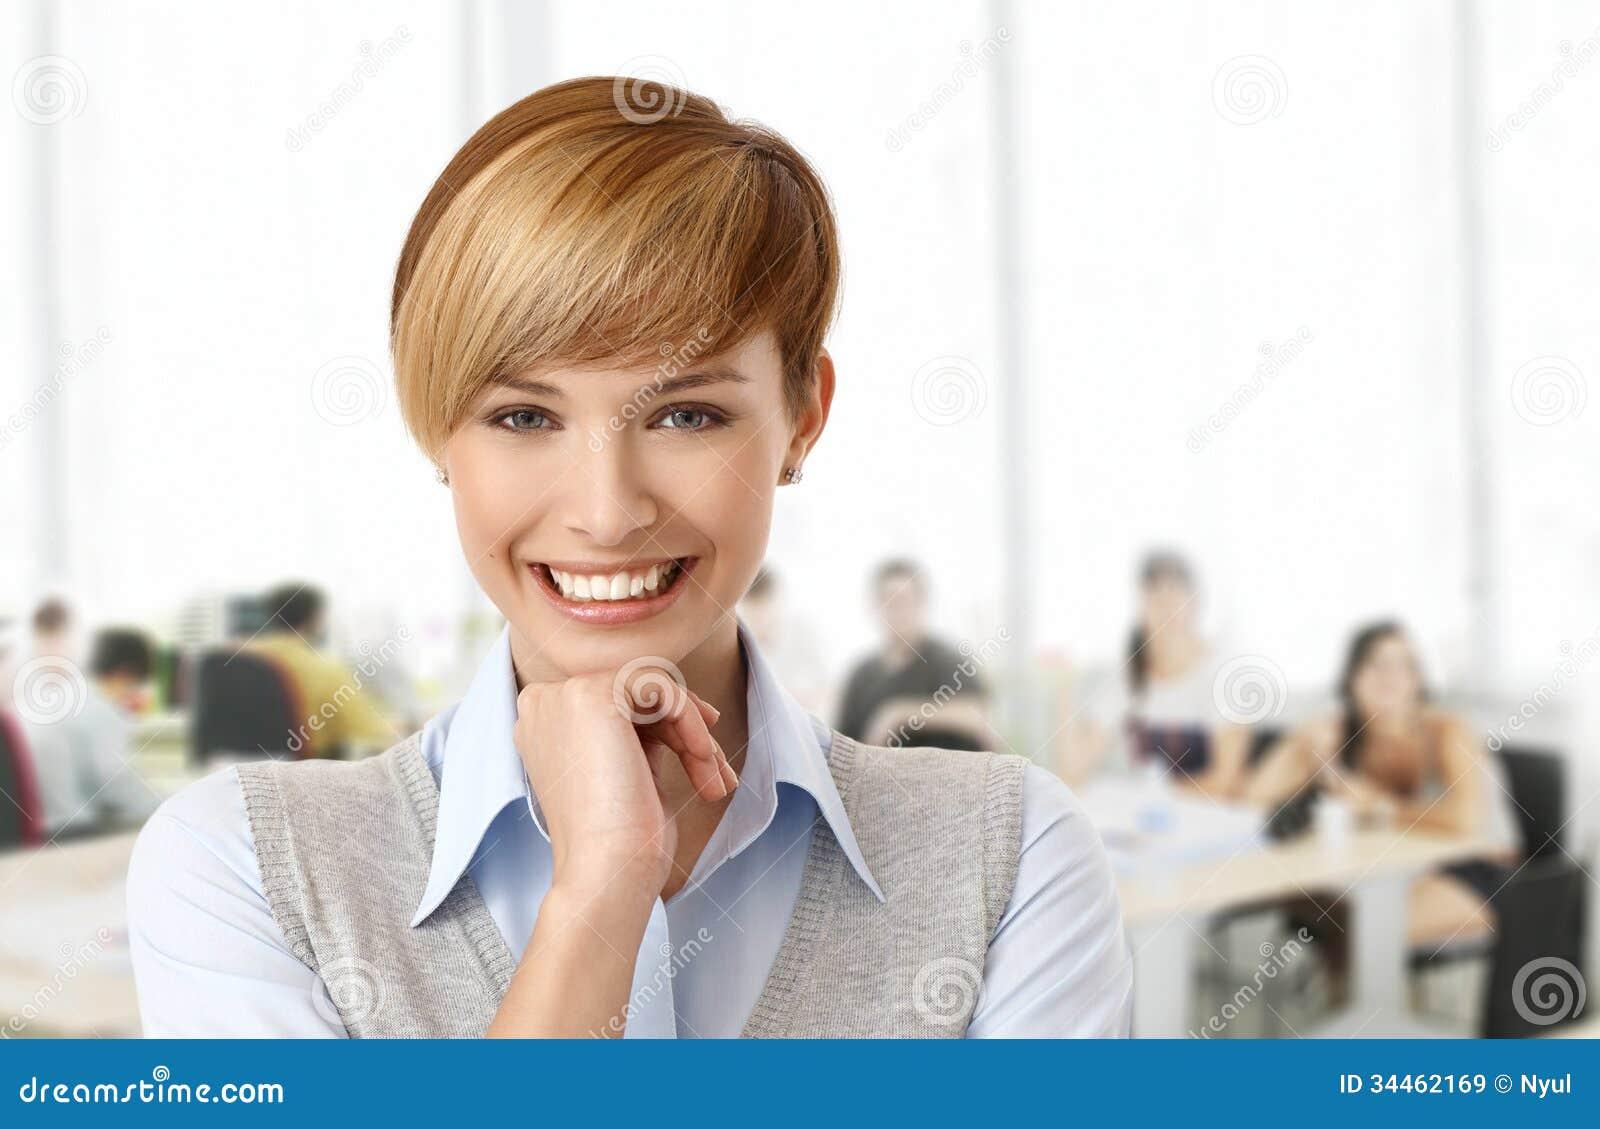 Ευτυχής νέα γυναίκα στο γραφείο